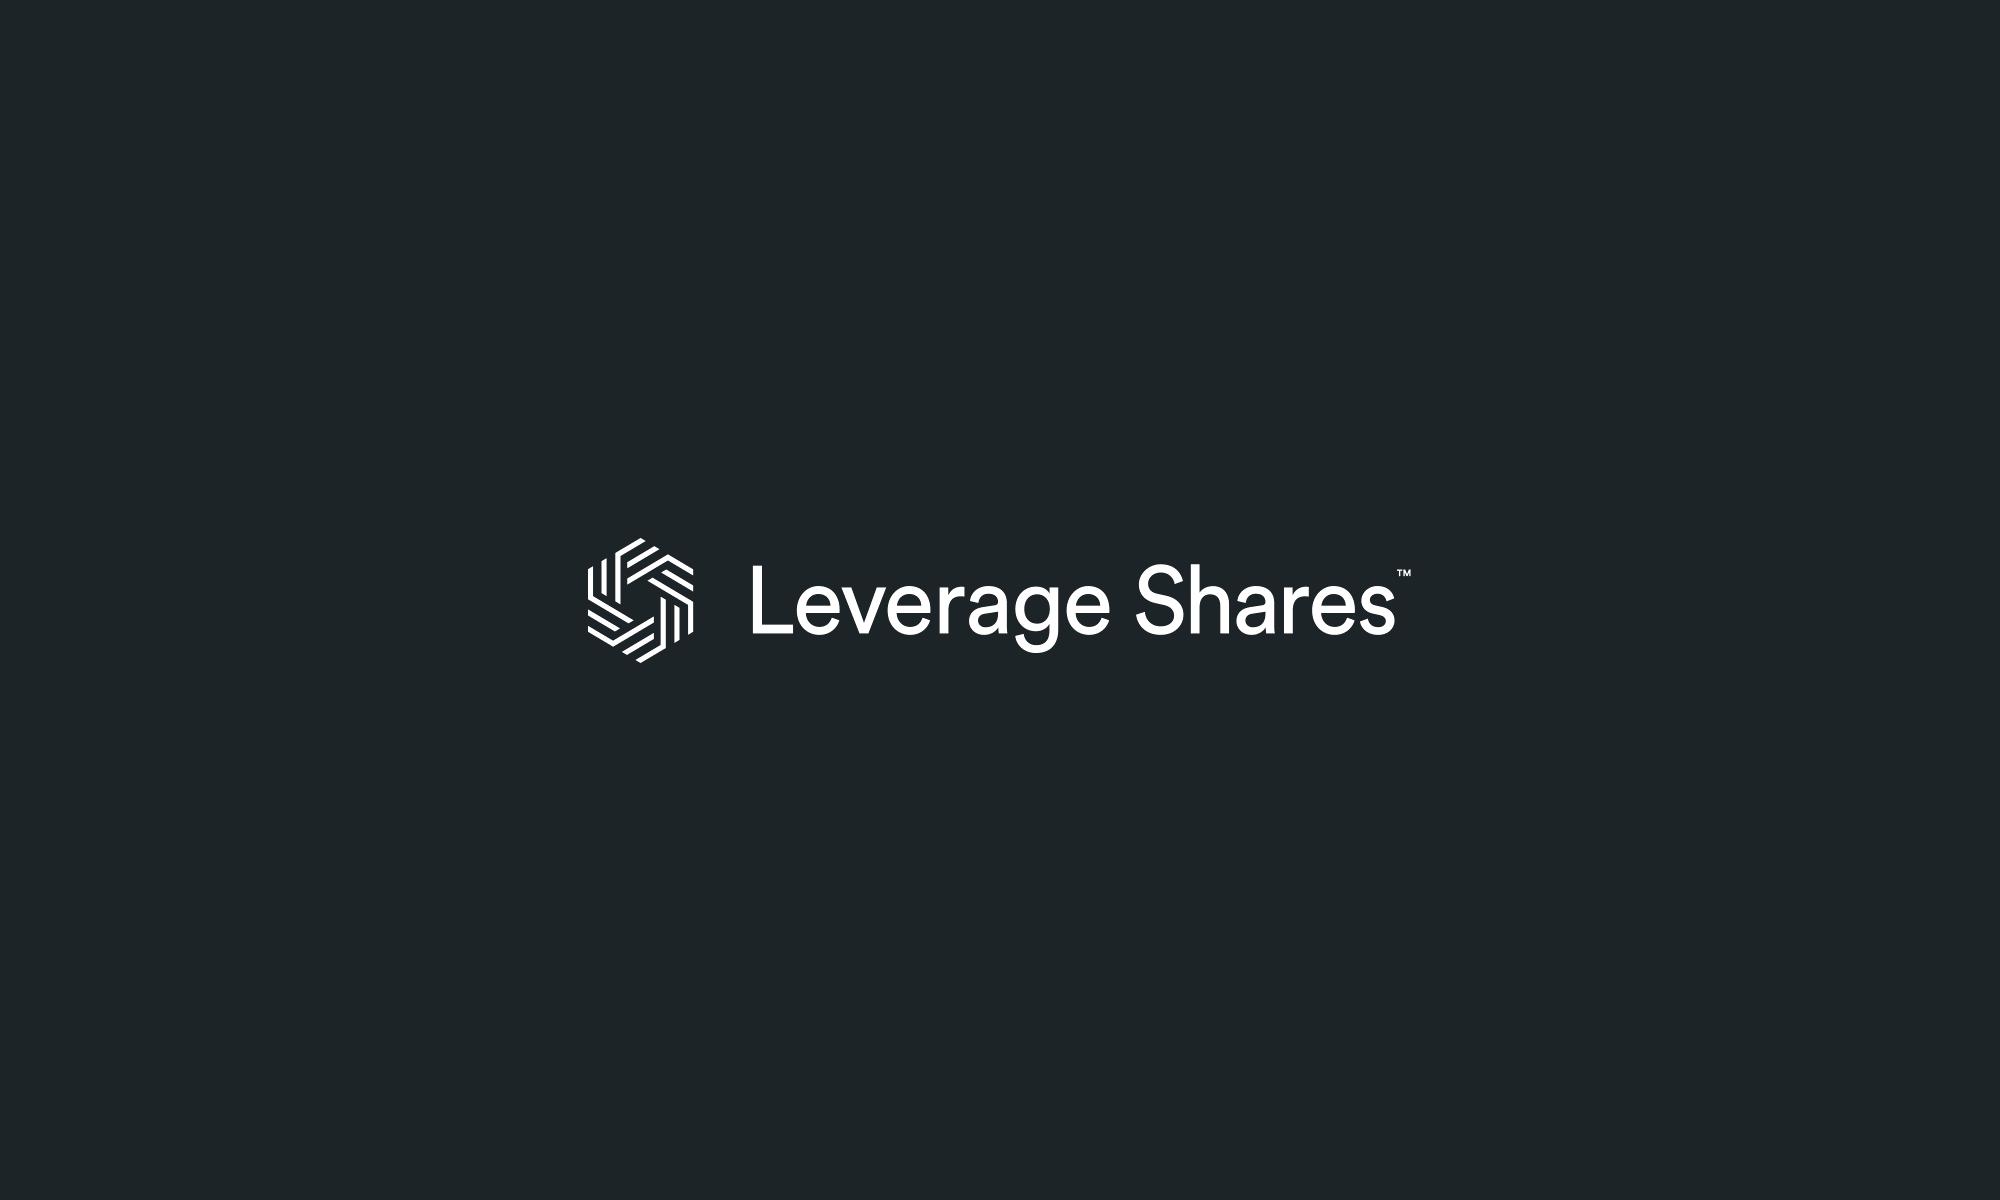 Leverage Shares lanserar 3x ETP Leverage Shares är på väg igen och utökar sin svit med korta och leveraged (S&L) ETP: er. Den innovativa leverantören listar de första